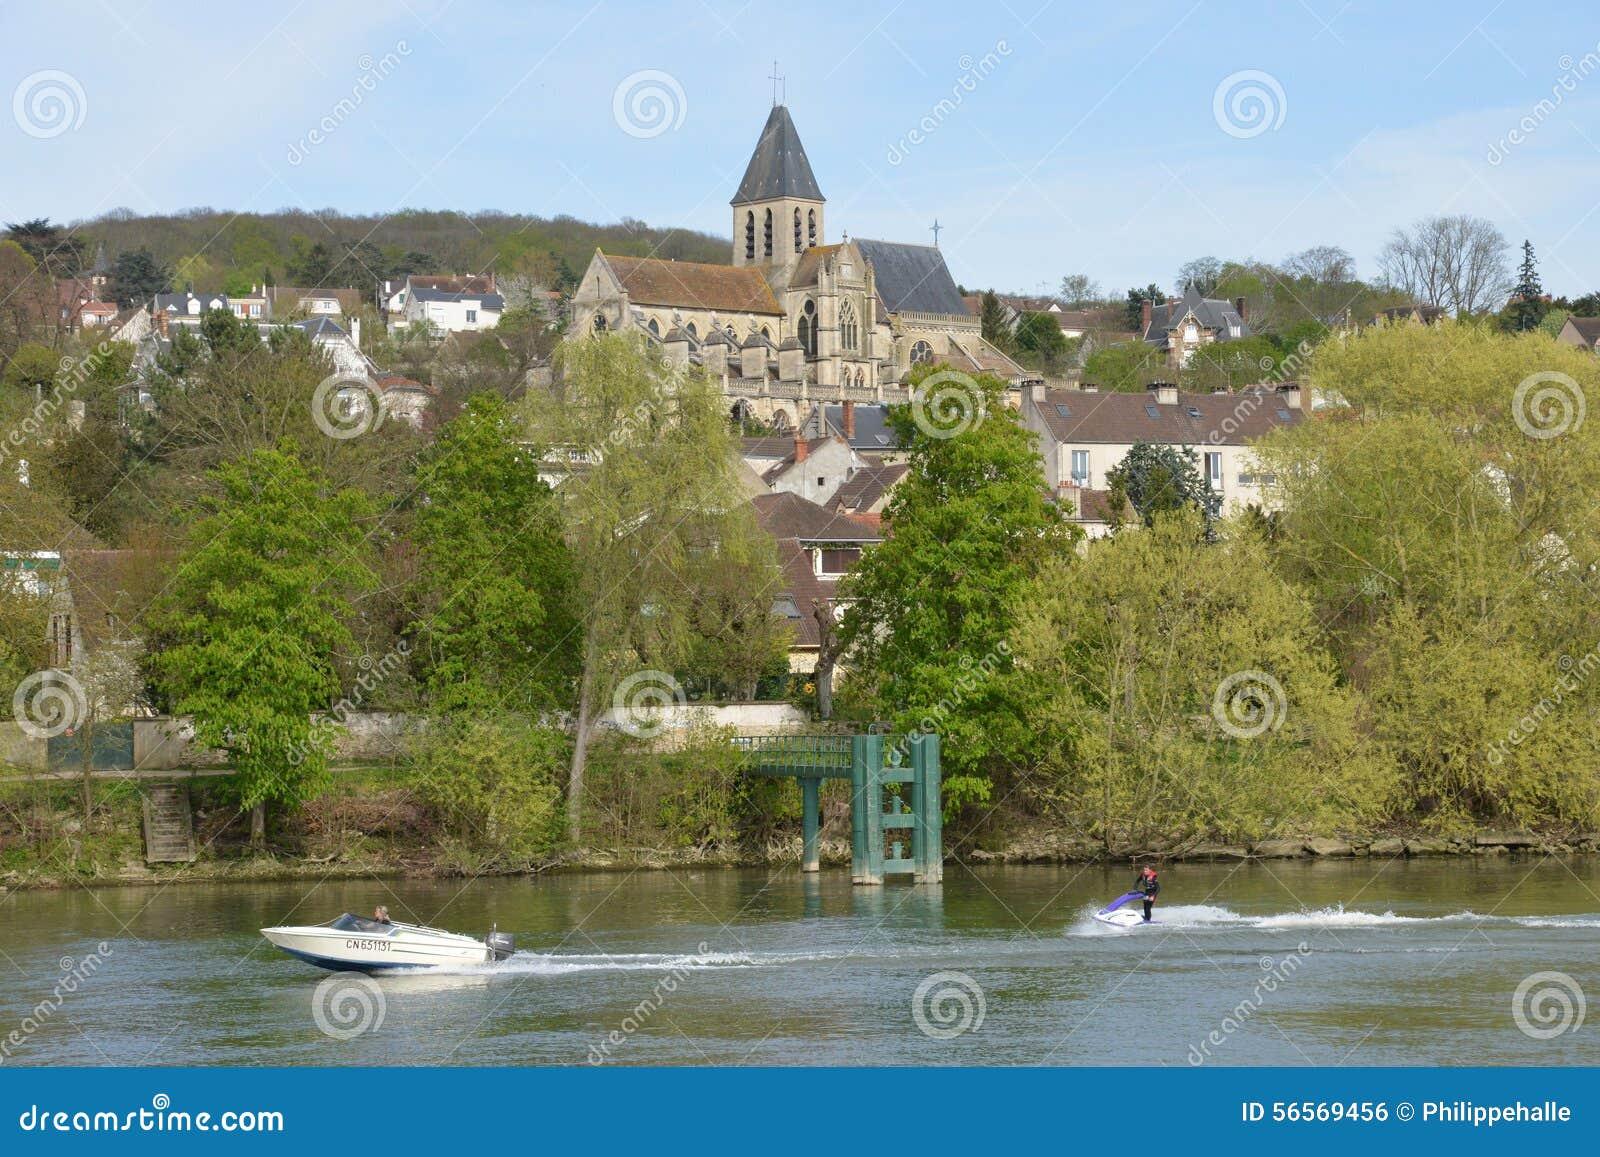 Download Γαλλία, η γραφική πόλη του Triel-sur-Seine Εκδοτική Εικόνες - εικόνα από έξω, ευρώπη: 56569456